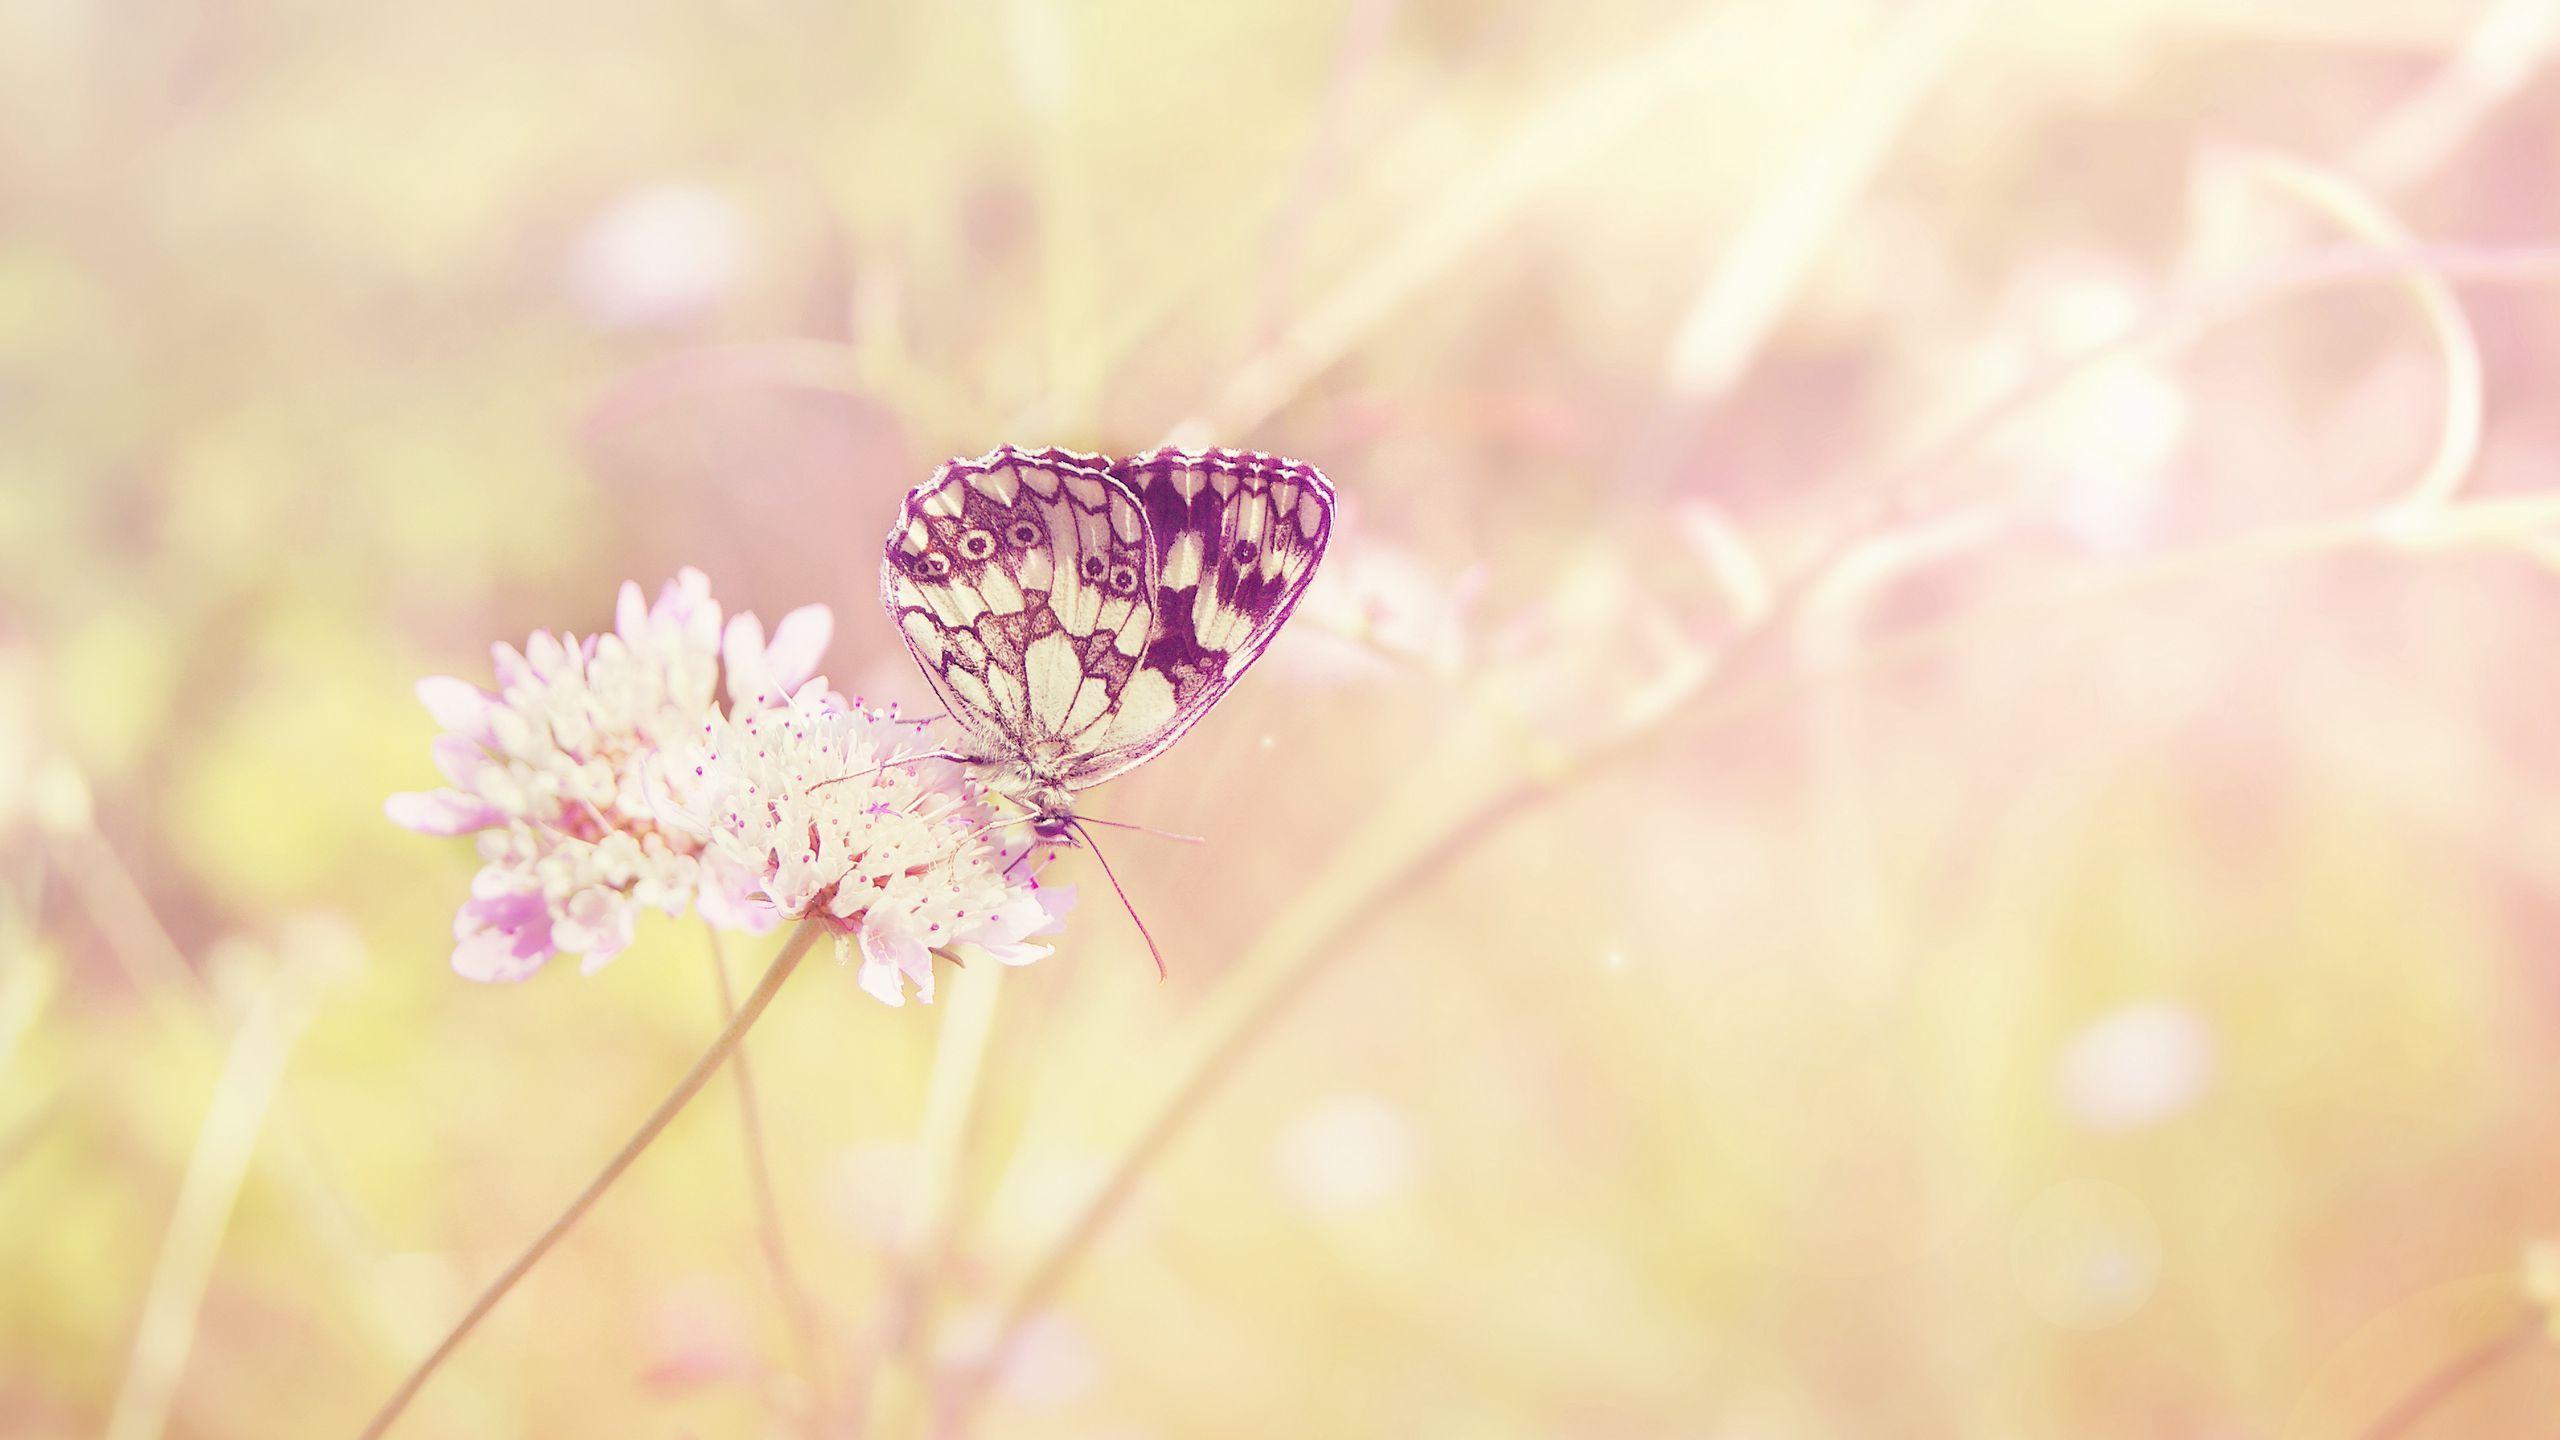 2560x1440 Tải xuống hình nền 2560x1440 bướm, mùa hè, côn trùng, cánh đồng, thực vật, ánh sáng, mặt trời, màu sắc, hoa màn hình rộng 16: 9 nền HD